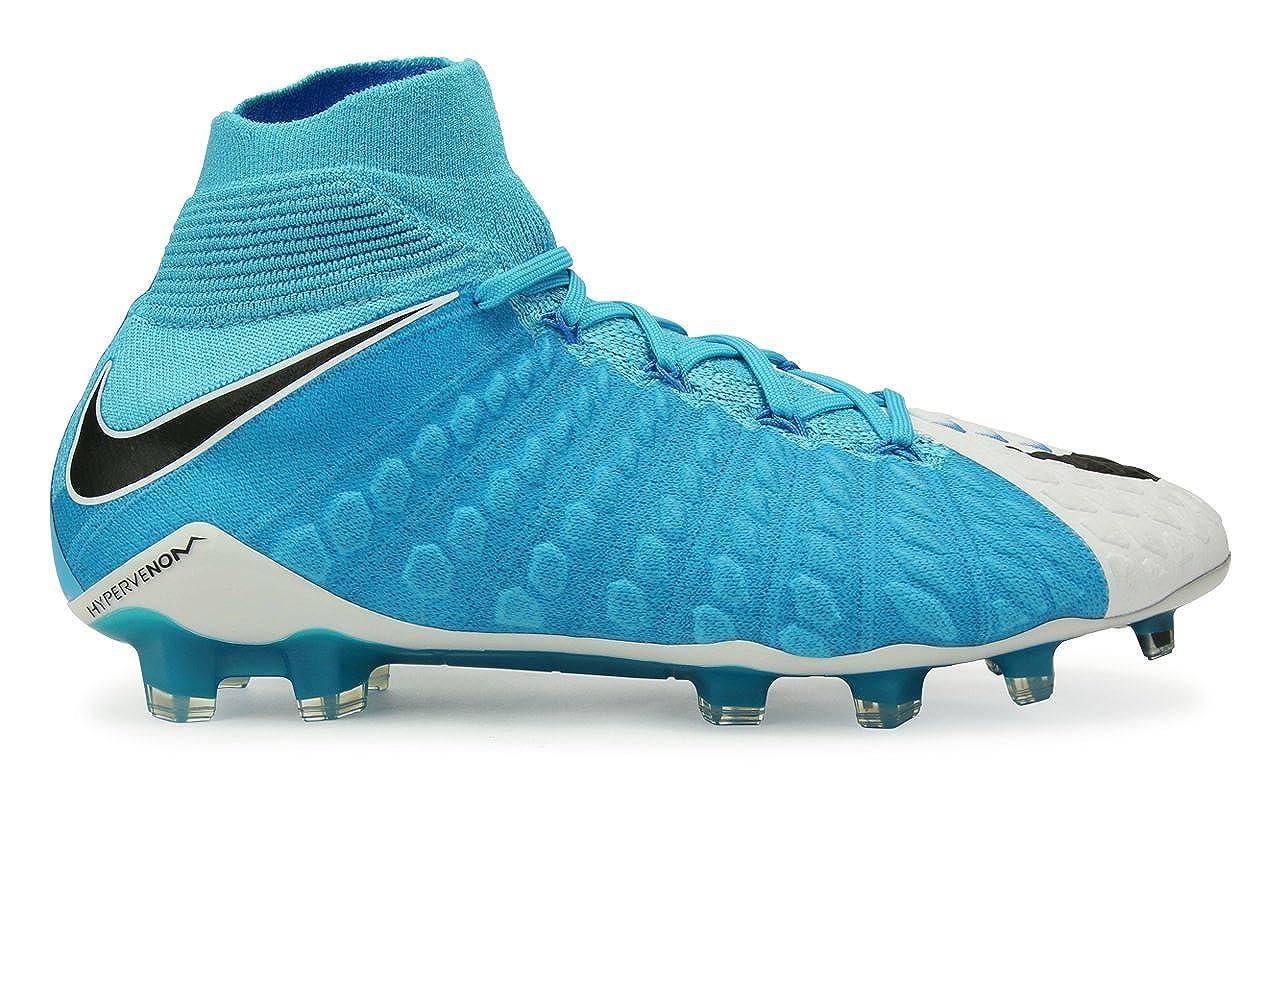 best website fba99 b90d5 Nike Men's Hypervenom Phantom Iii Dynamic Fit Fg White/Black/Photo Blue  Soccer Shoes